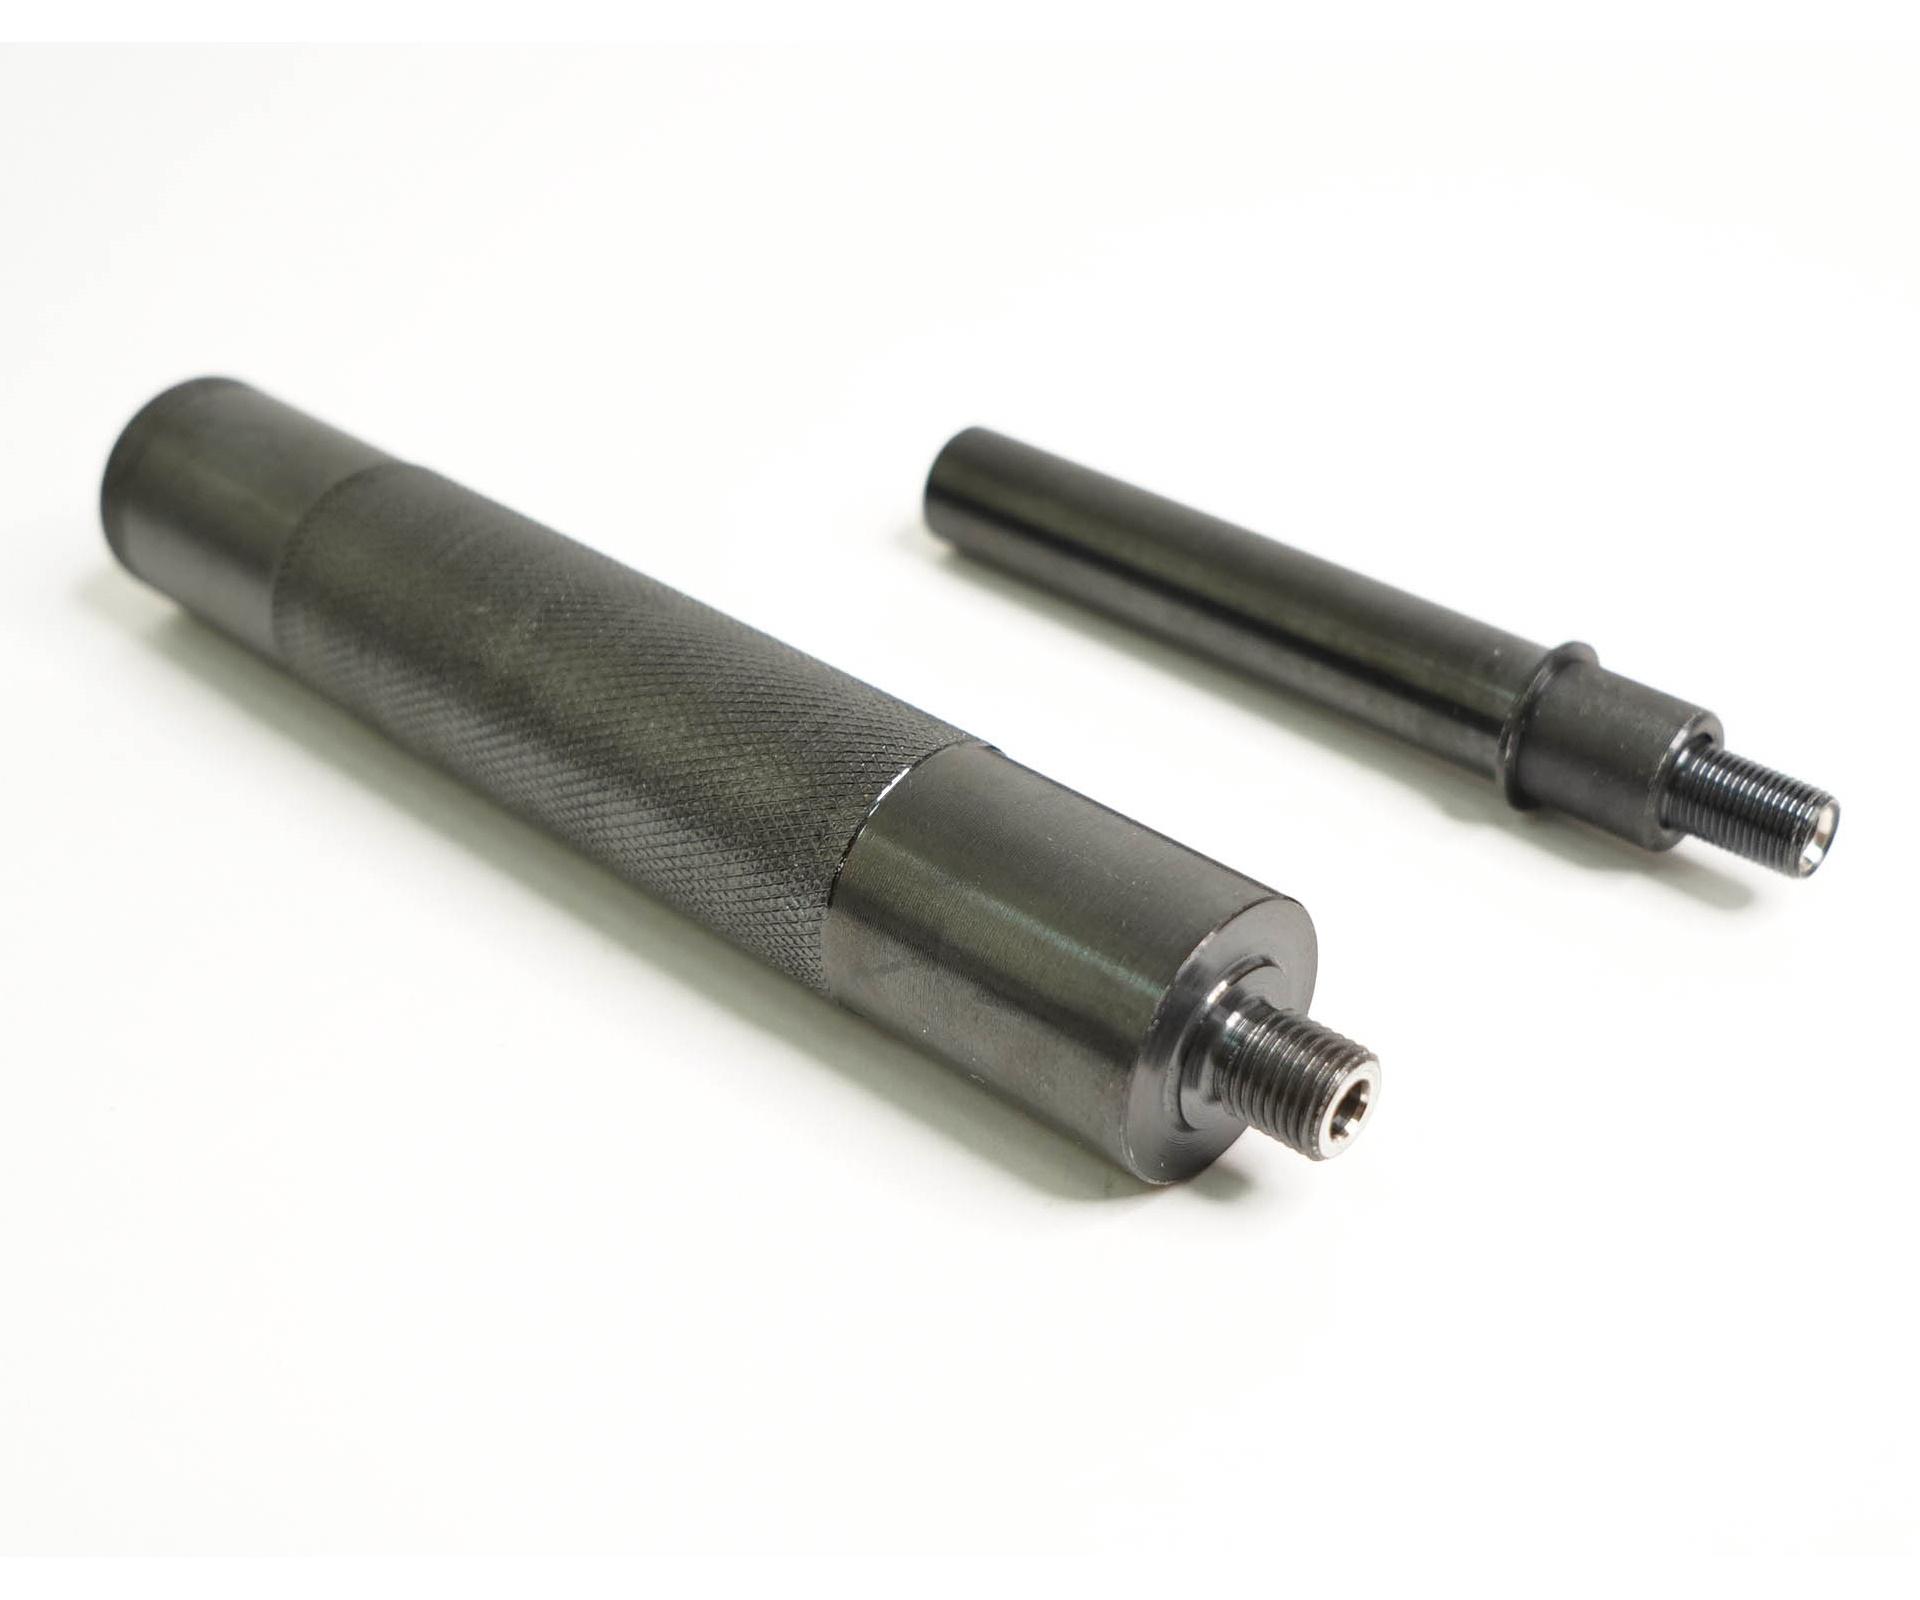 Гладкий ствол с глушителем для МР-654К-32 (удлинитель ствола) под прокладку